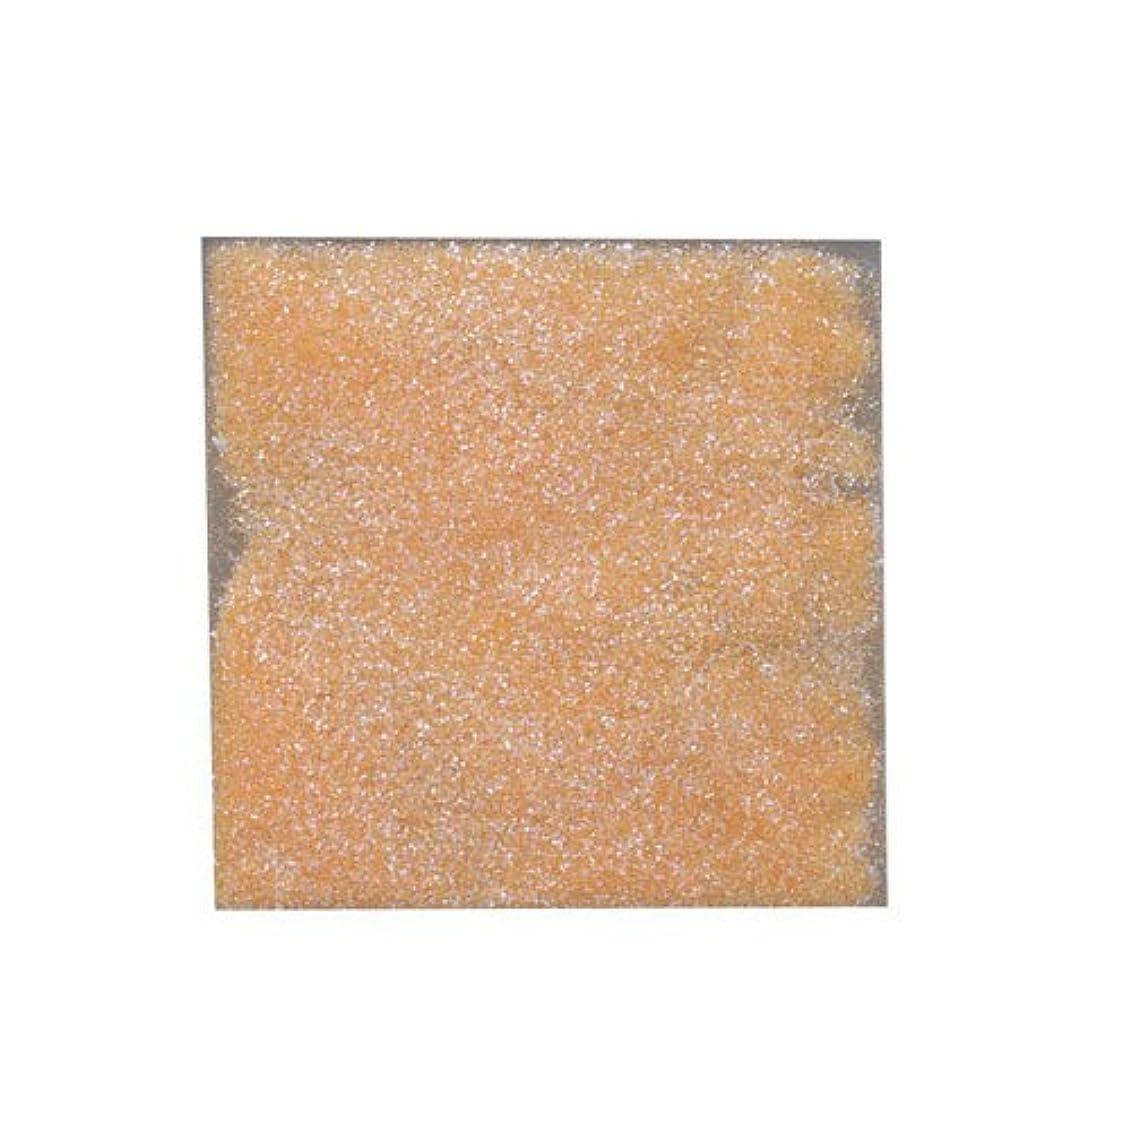 炭水化物バンジージャンプ裁定ピカエース ネイル用パウダー ラメカラーオーロラB 耐溶剤 S #532 オレンジ 0.7g